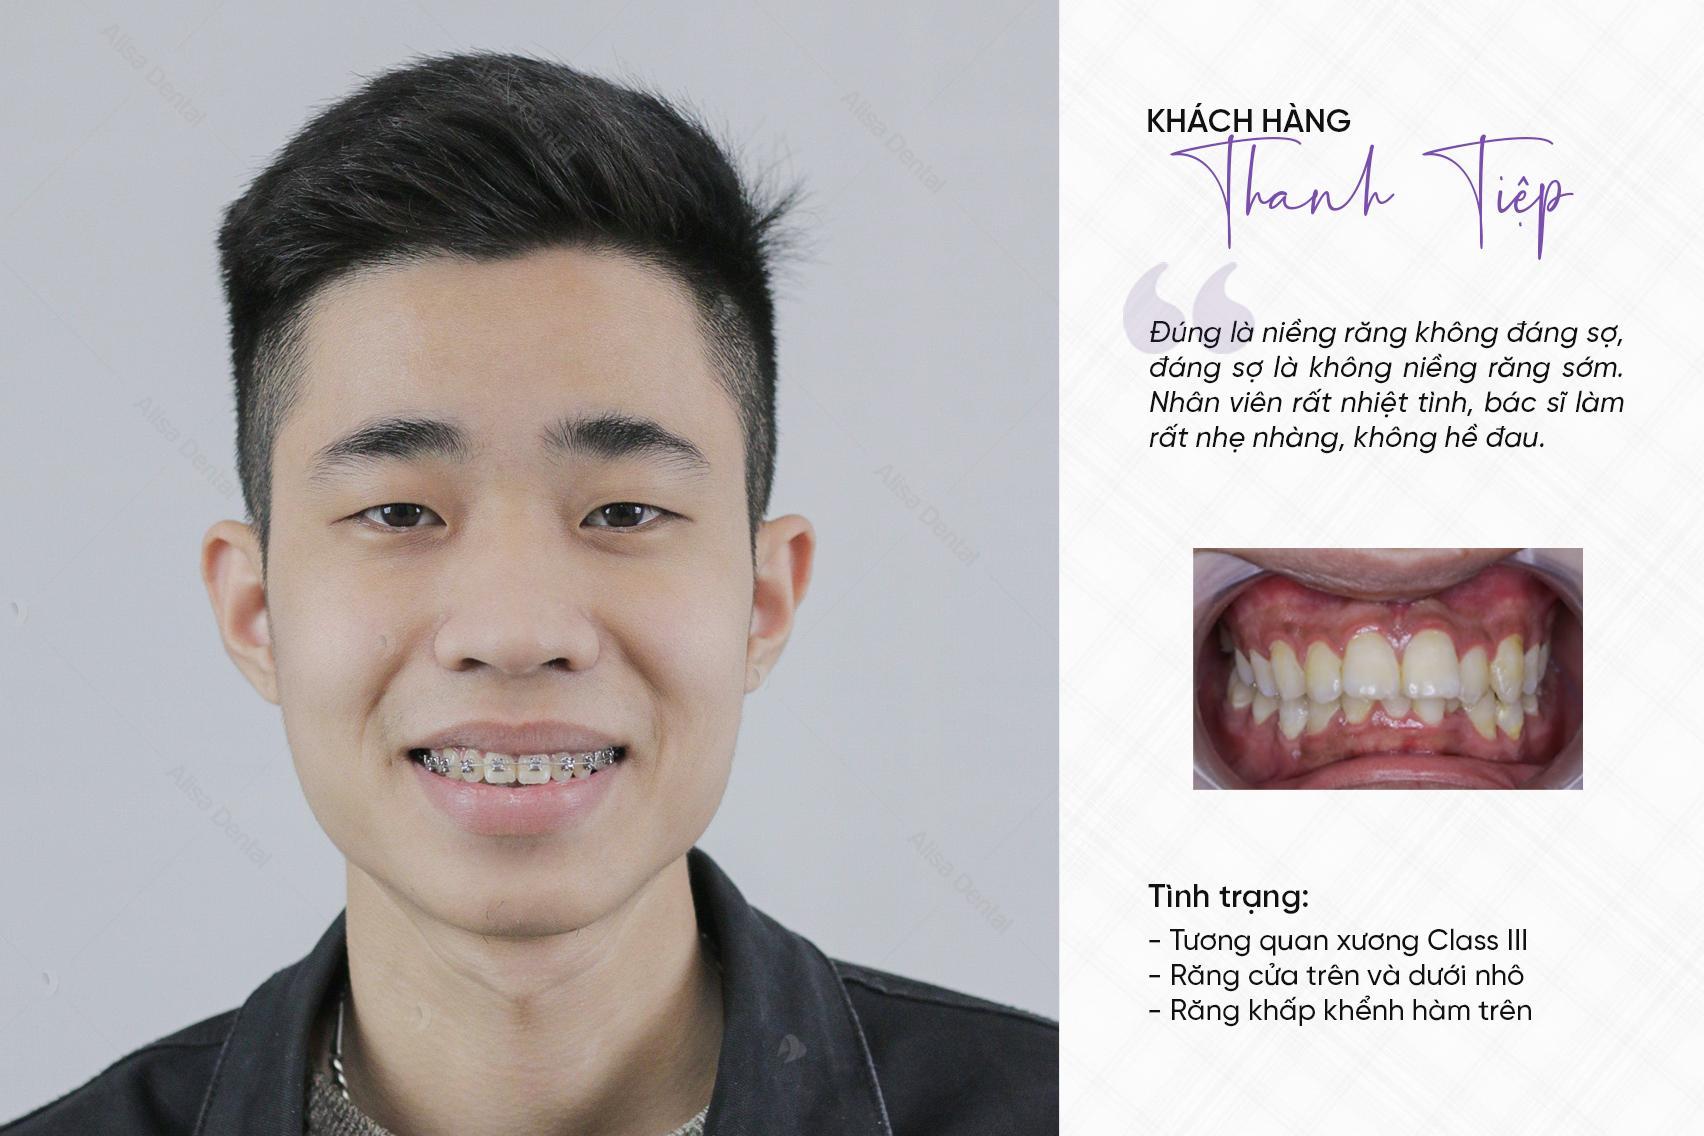 Niềng răng có làm thay đổi không mặt 8